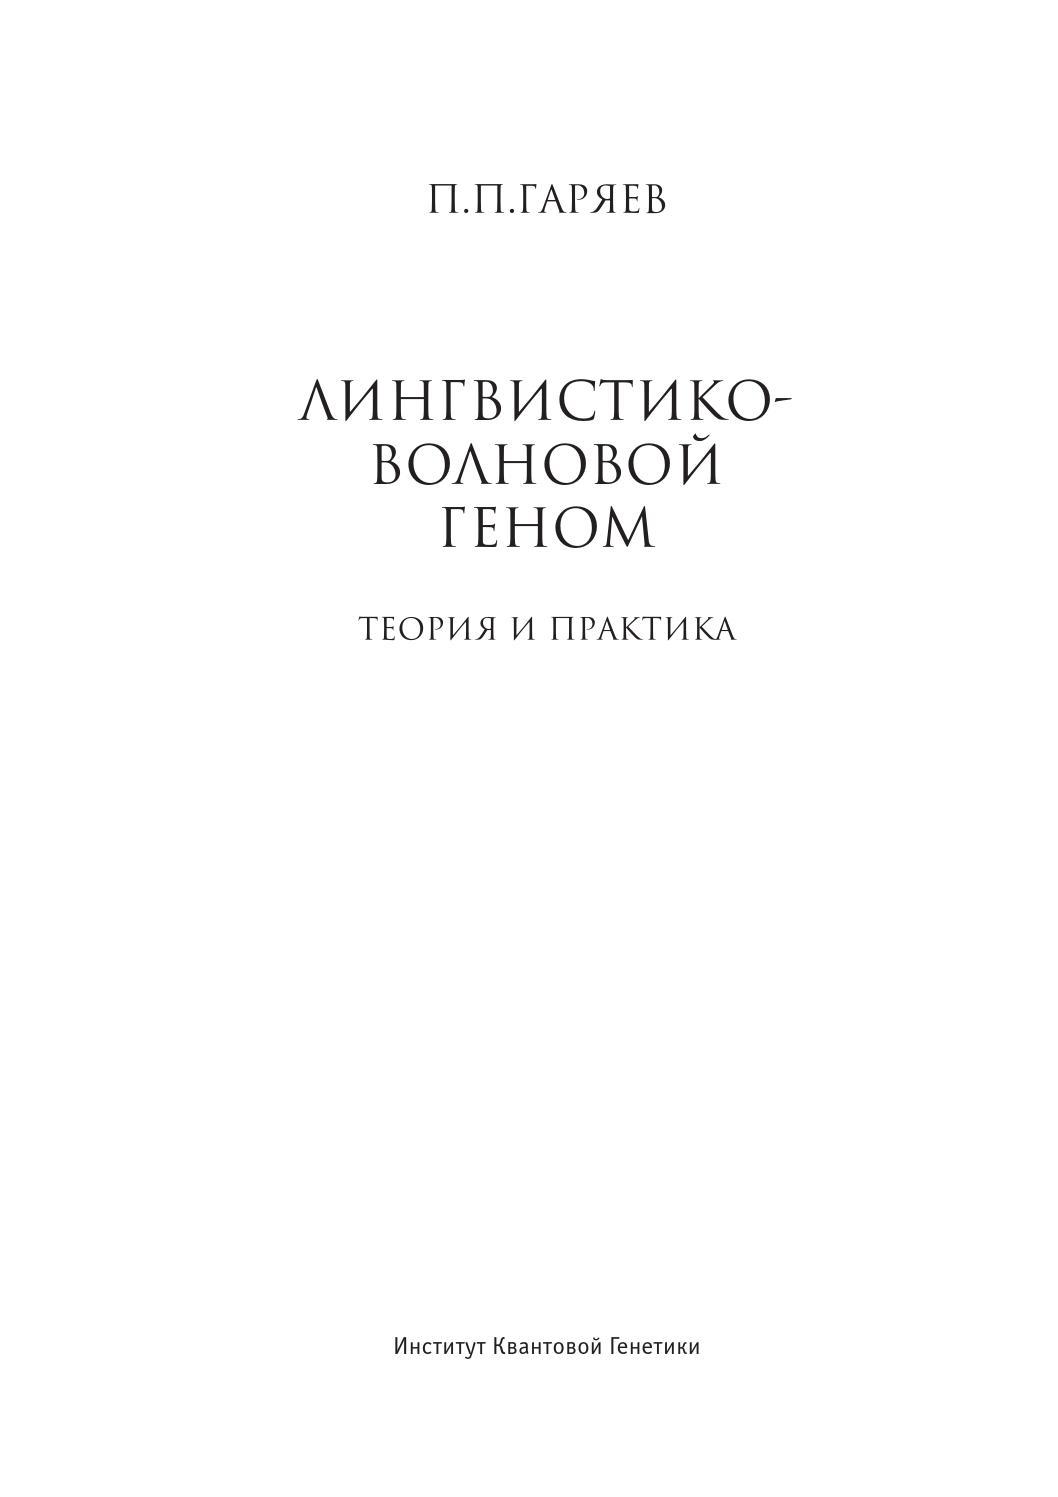 ЛИНВИСТИКО-ВОЛНОВОЙ ГЕНОМ СКАЧАТЬ БЕСПЛАТНО